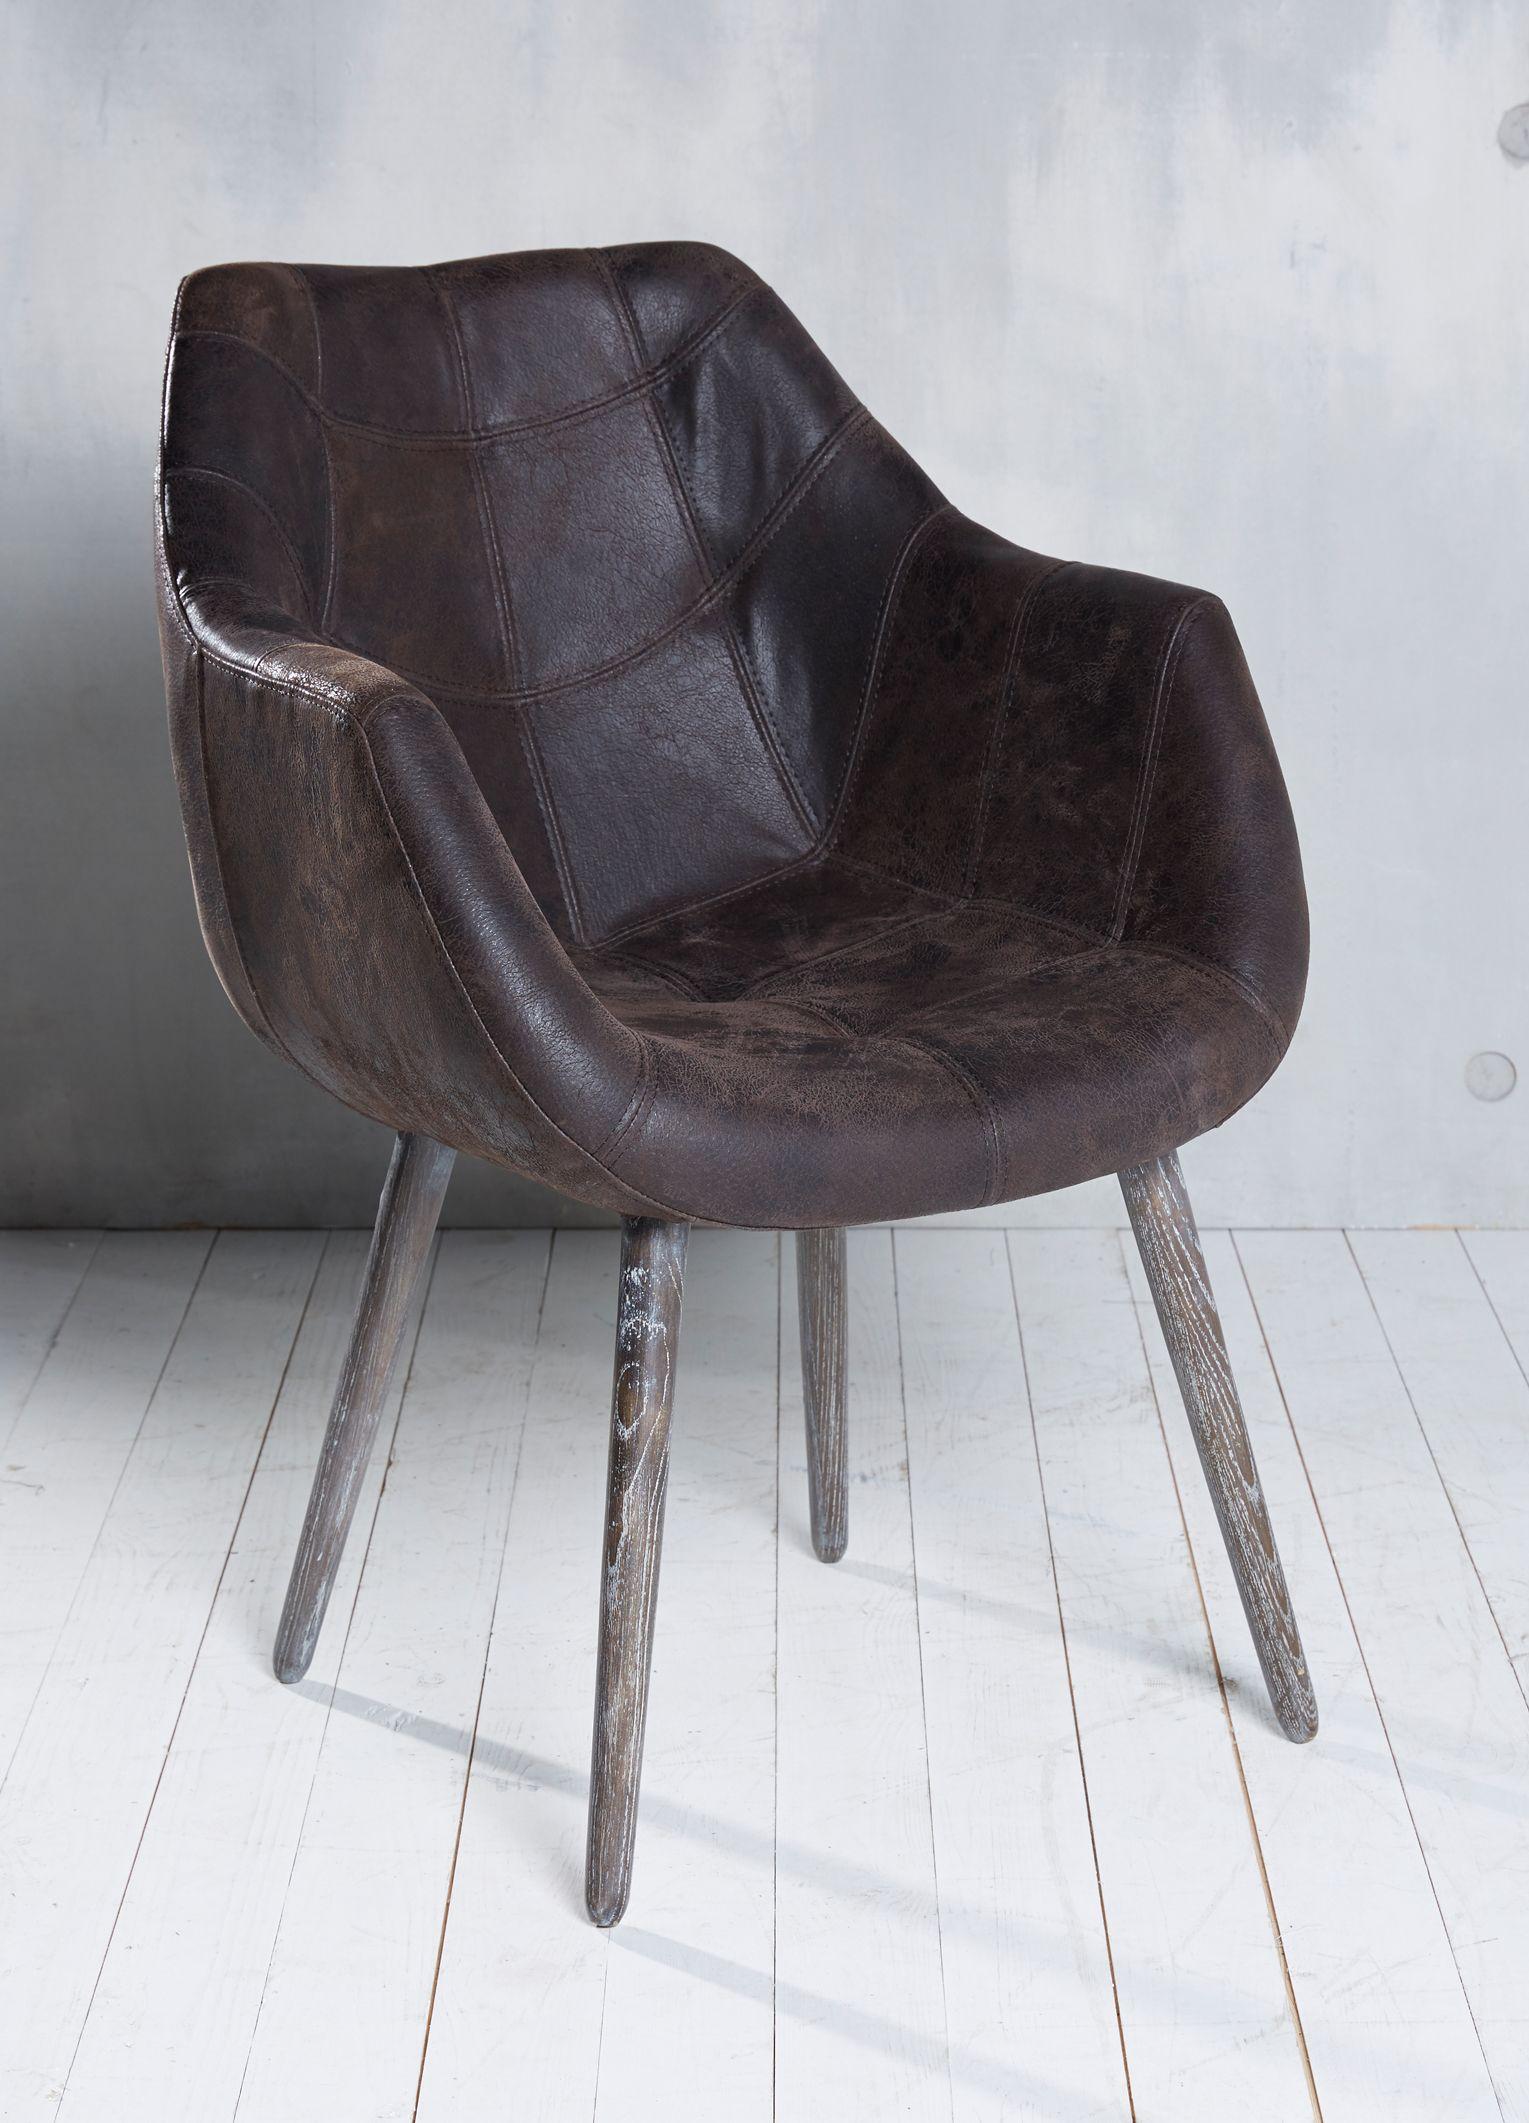 Designerstuhl Echtleder Im Retro Look Stuhl Armlehnenstuhl Lederstuhl Retrolook Design Indoor Holz Mobel Innene Armlehnstuhl Lounge Stuhl Stuhl Design